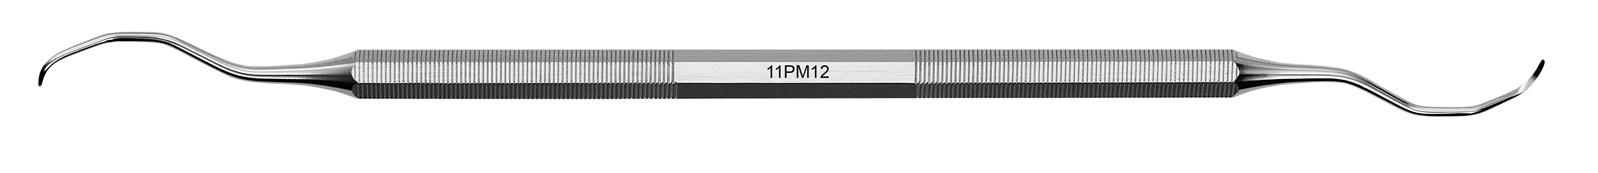 Kyreta Gracey Mini - 11PM12, ADEP tmavě modrý